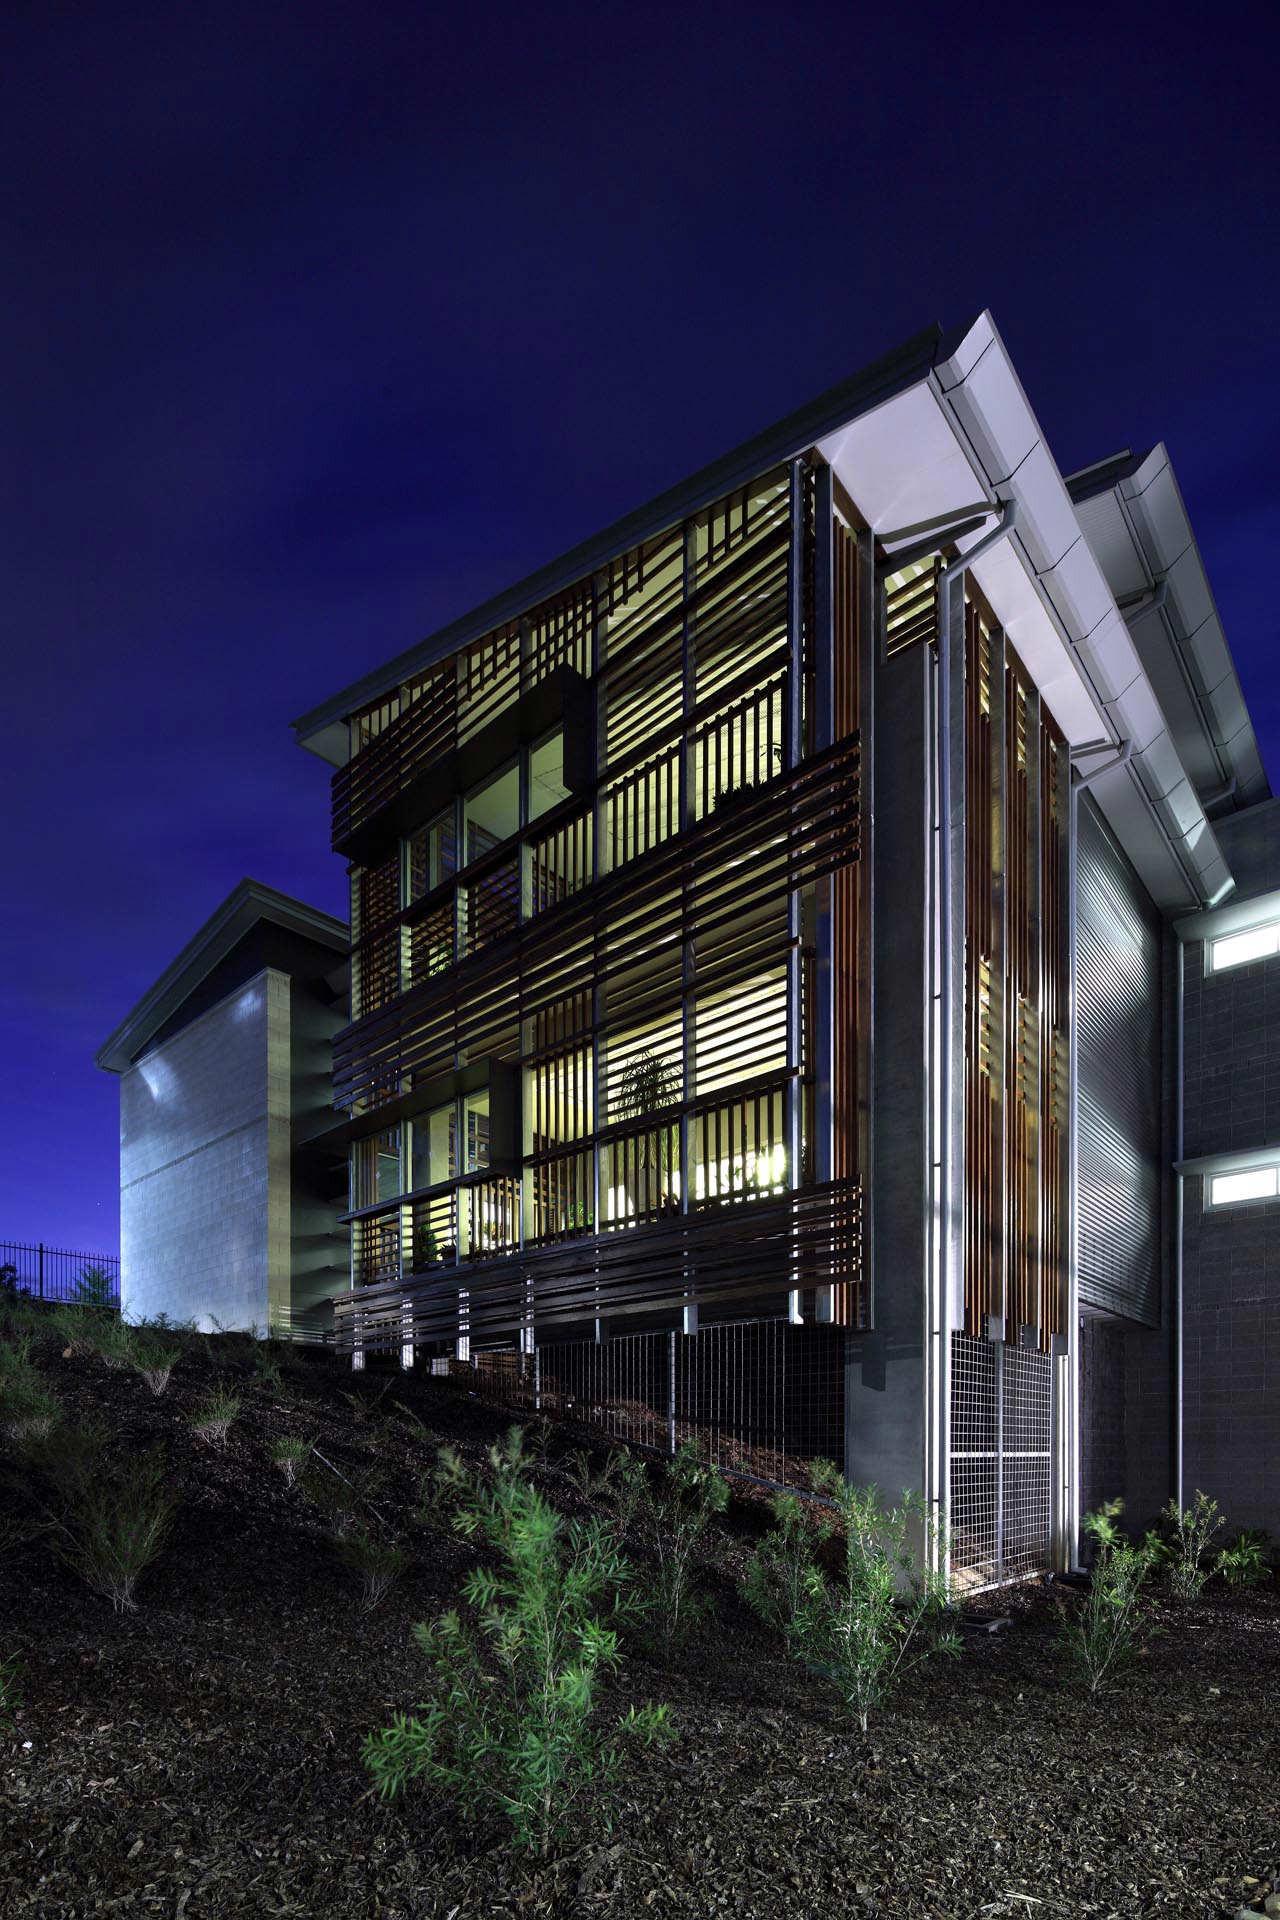 Parkview Wheller Gardens / Fulton Trotter Architects, © John Mills